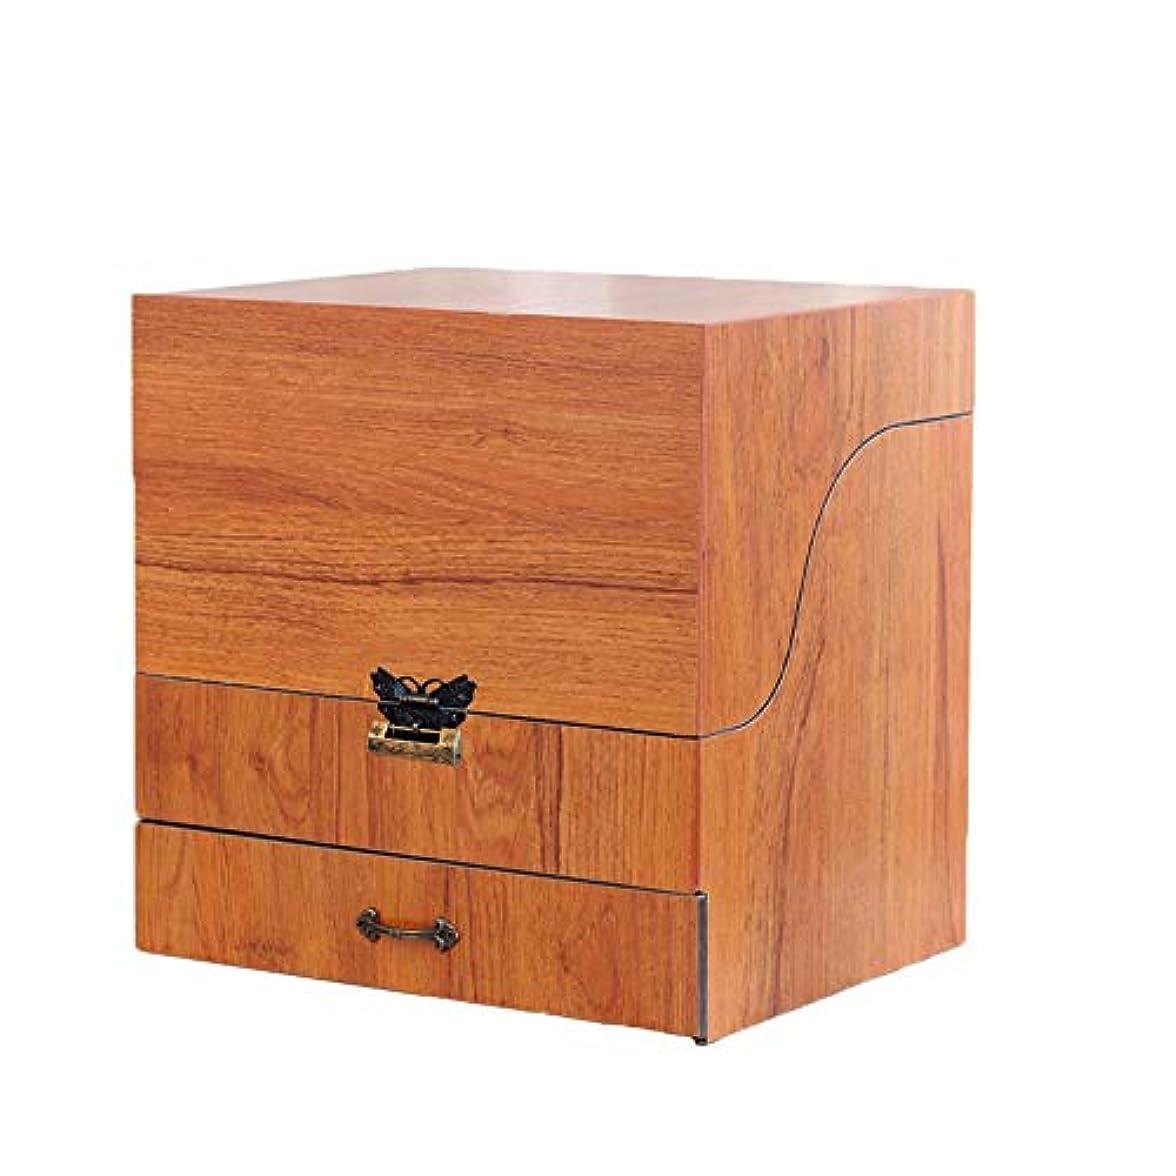 大理石権限おびえたメイクボックス コスメボックス ジュエリー収納ボックス 鏡付き 大容量 木製 化粧品収納 ジュエリー収納 小物入り おしゃれ 可愛い ホワイト コルク ピンク プレゼント